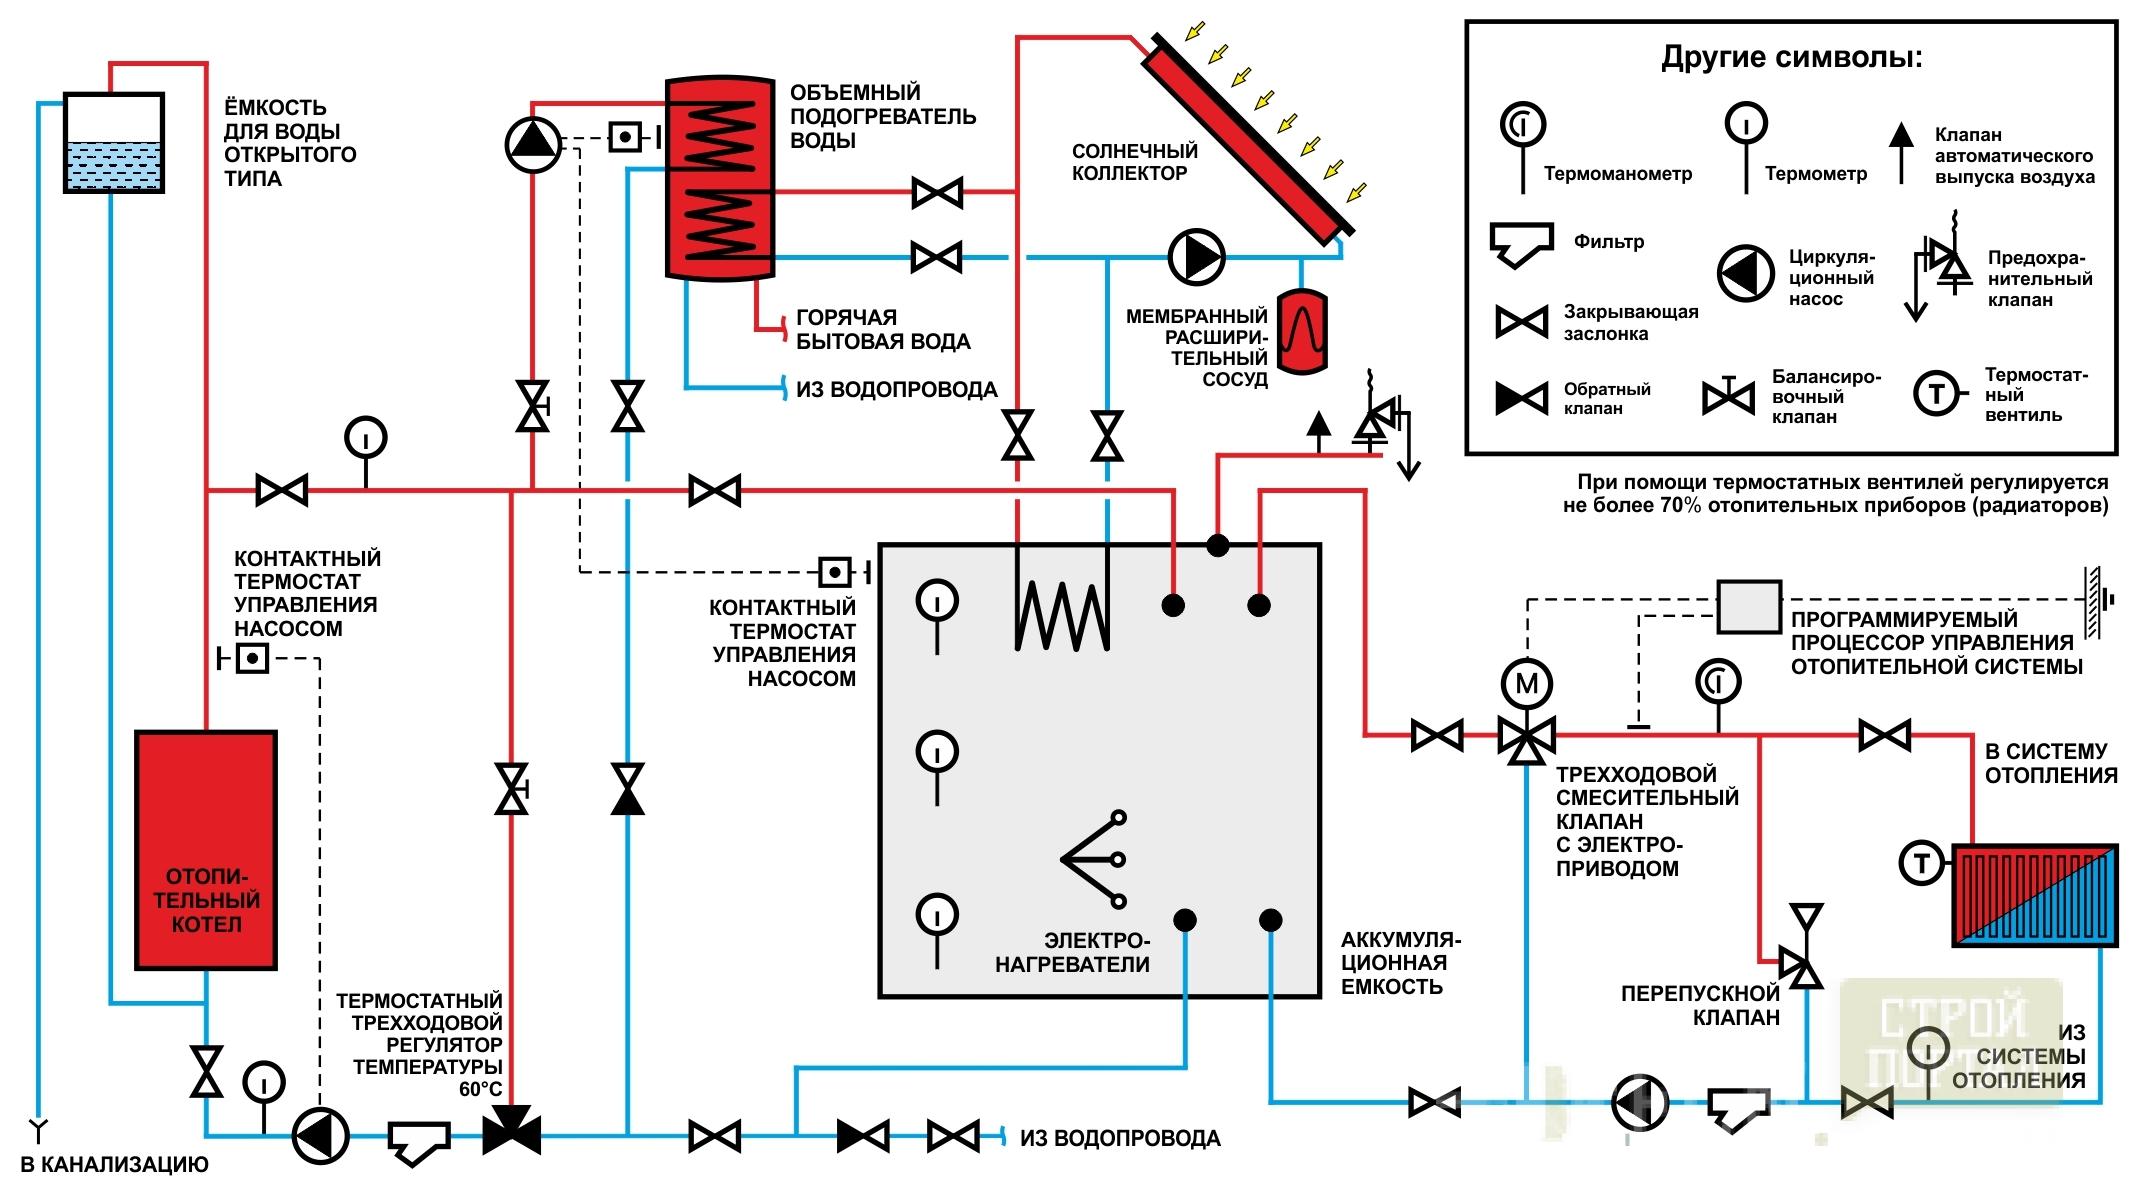 Обратный клапан в системе отопления схема